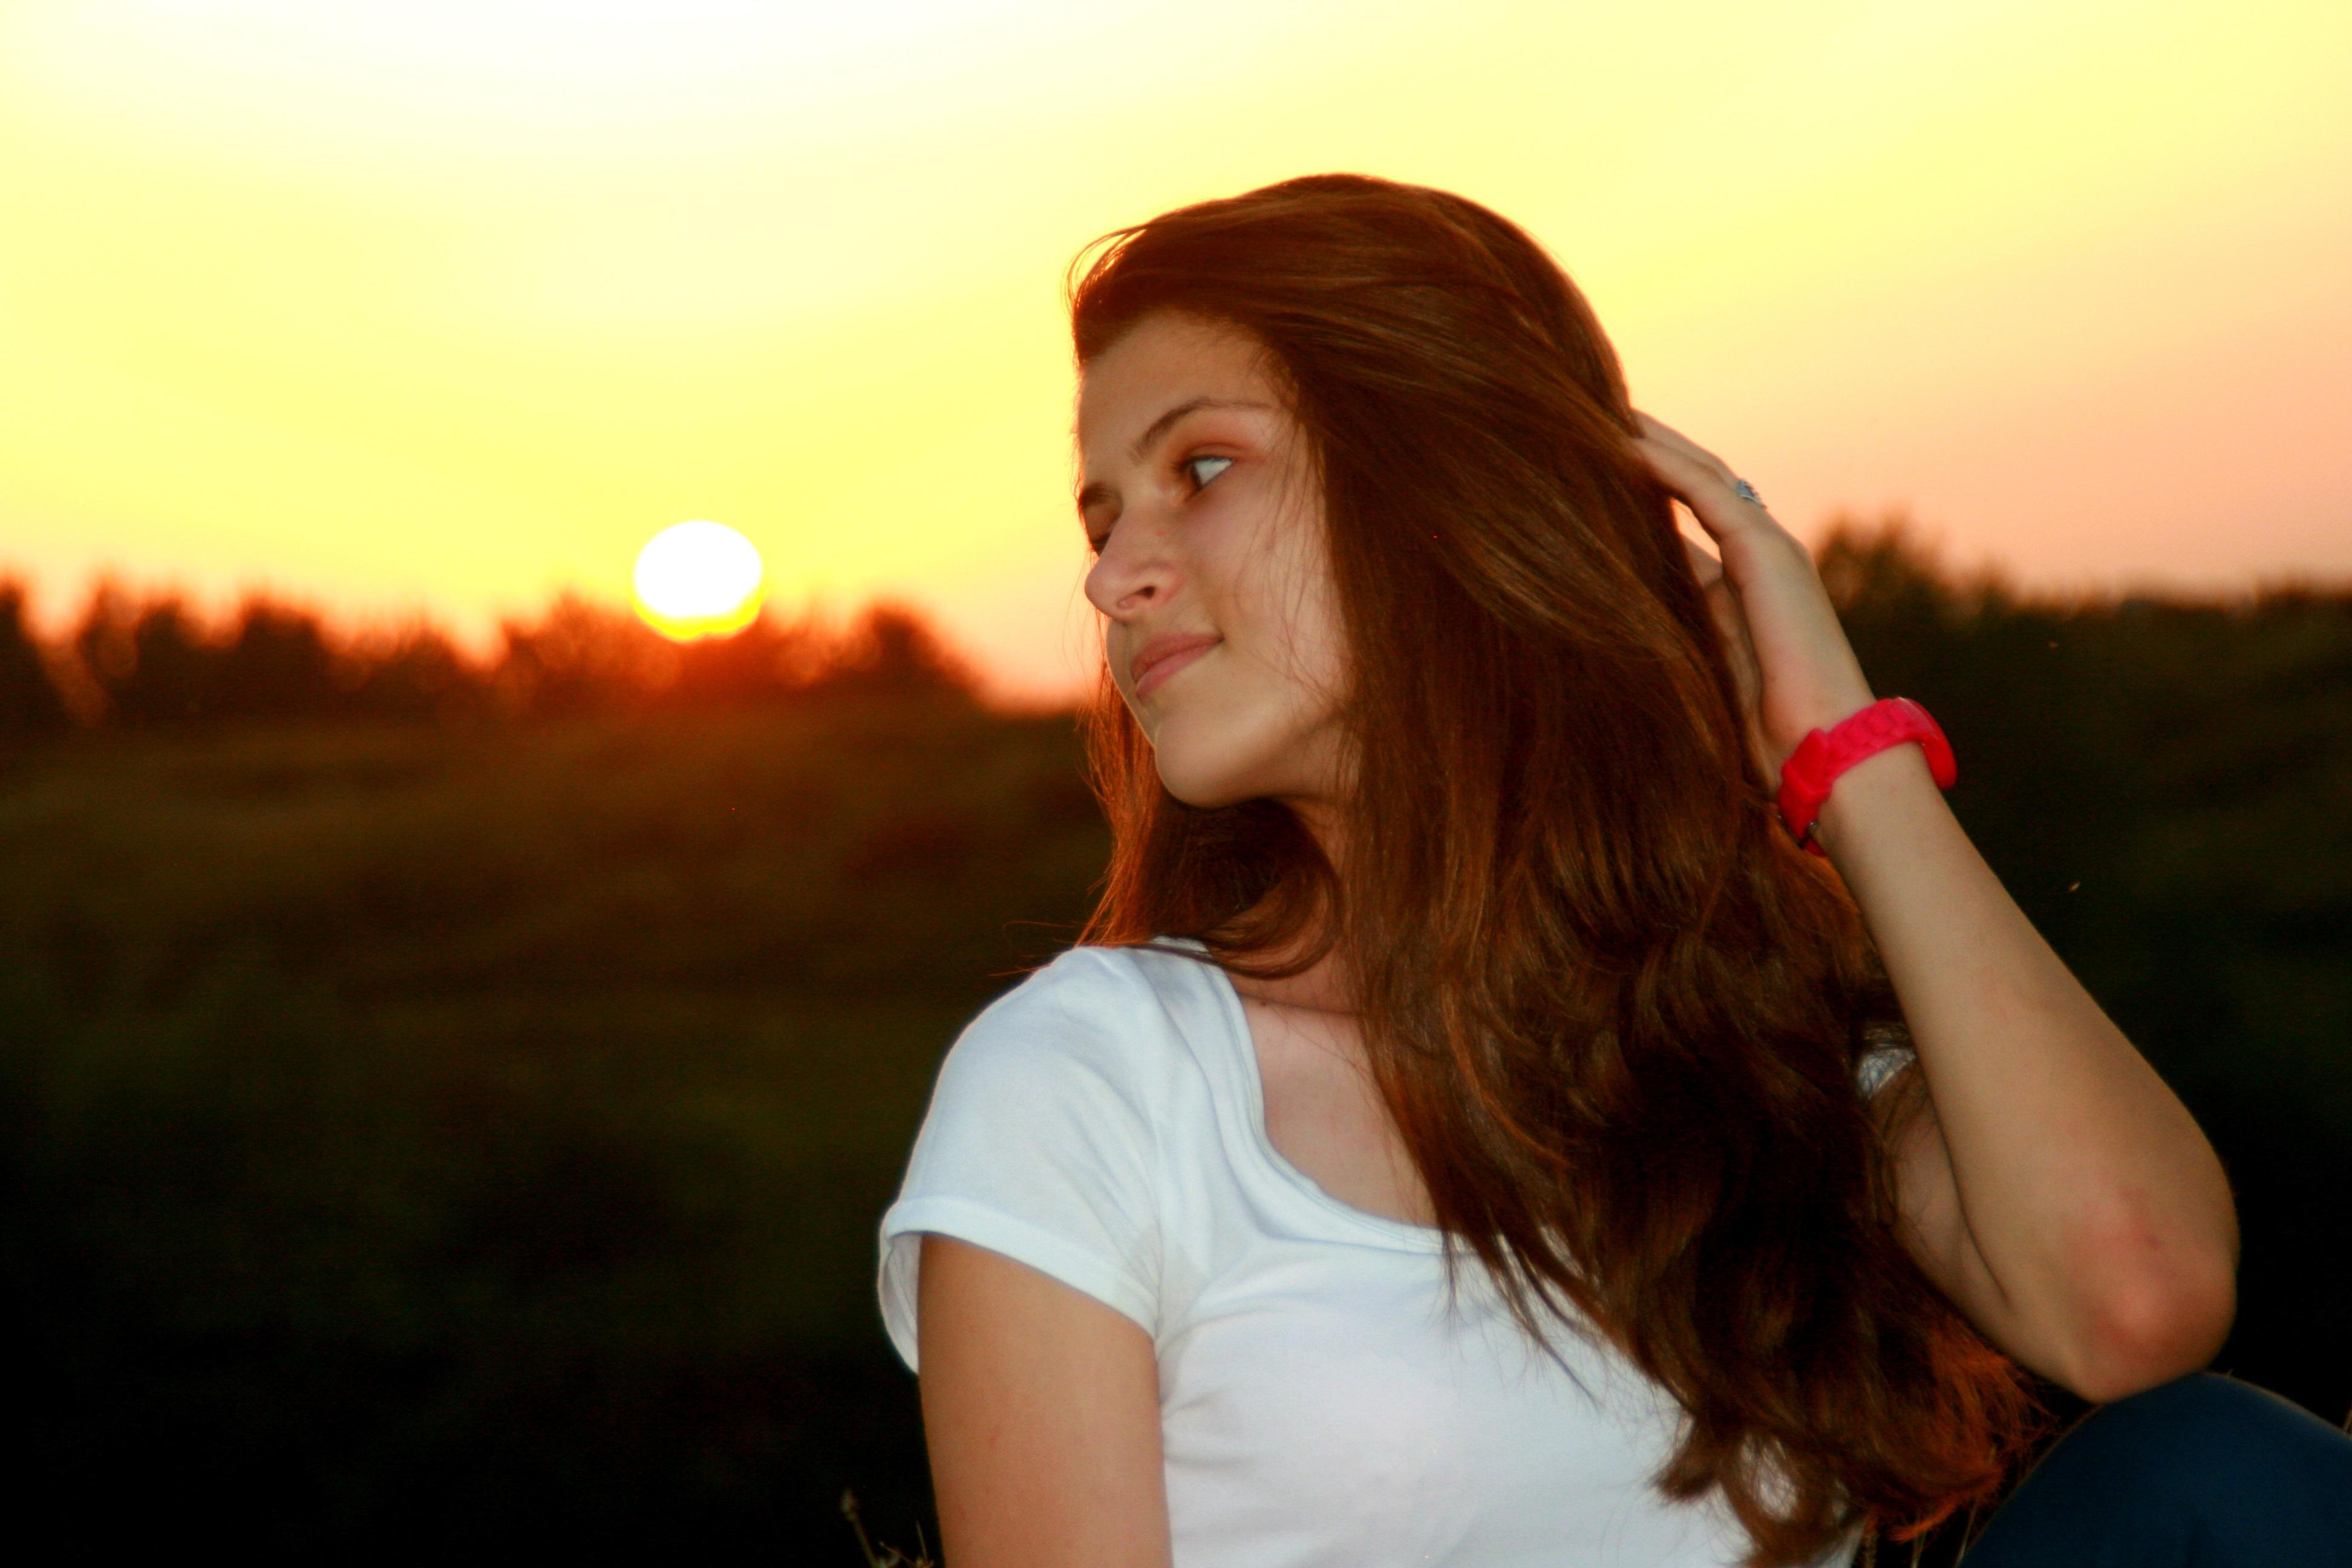 видите, фотографии когда солнце в лицо плитки